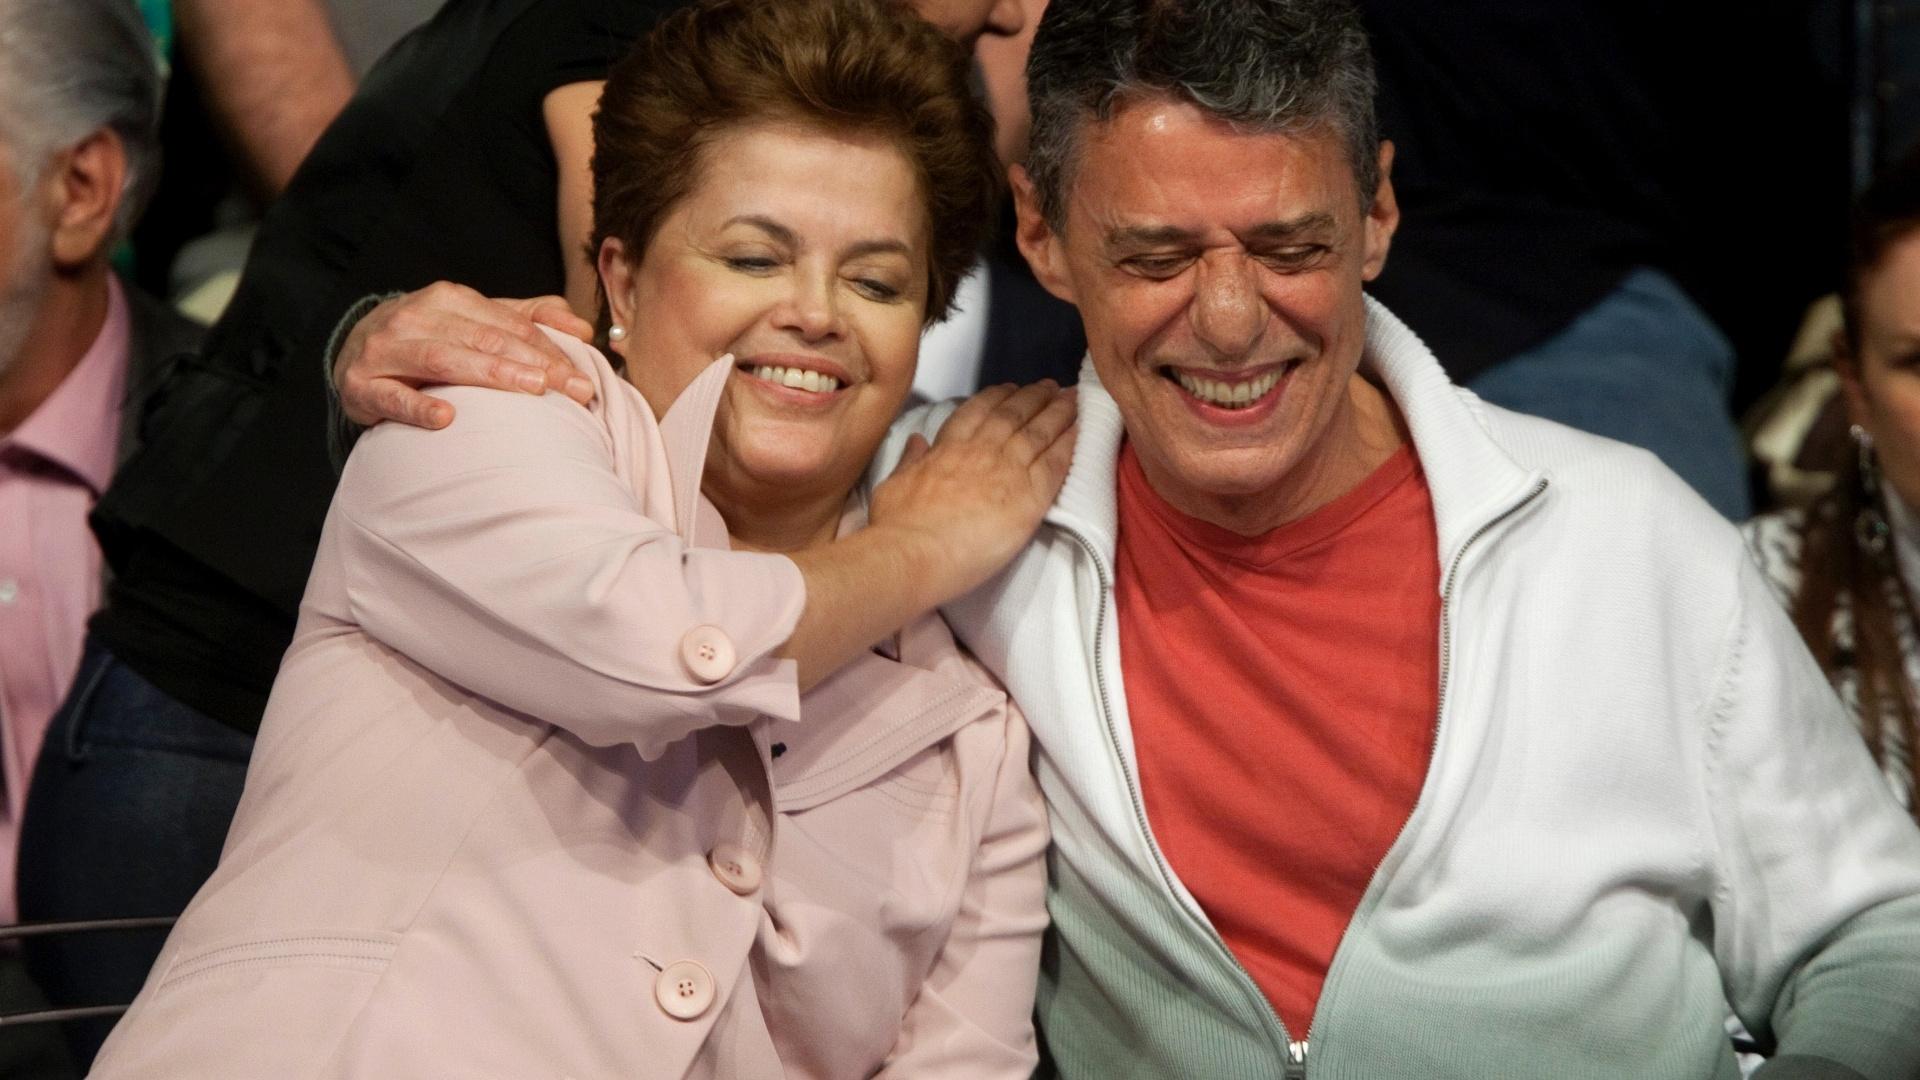 18.out.2010 - A candidata a Presidência da República Dilma Rousseff e vista ao lado do compositor Chico Buarque durante ato de apoio a sua candidatura pela classe artística, no teatro casa grande, no Leblon, zona sul do Rio, no segundo turno das eleições presidenciais 2010, em 18 de outubro 2010